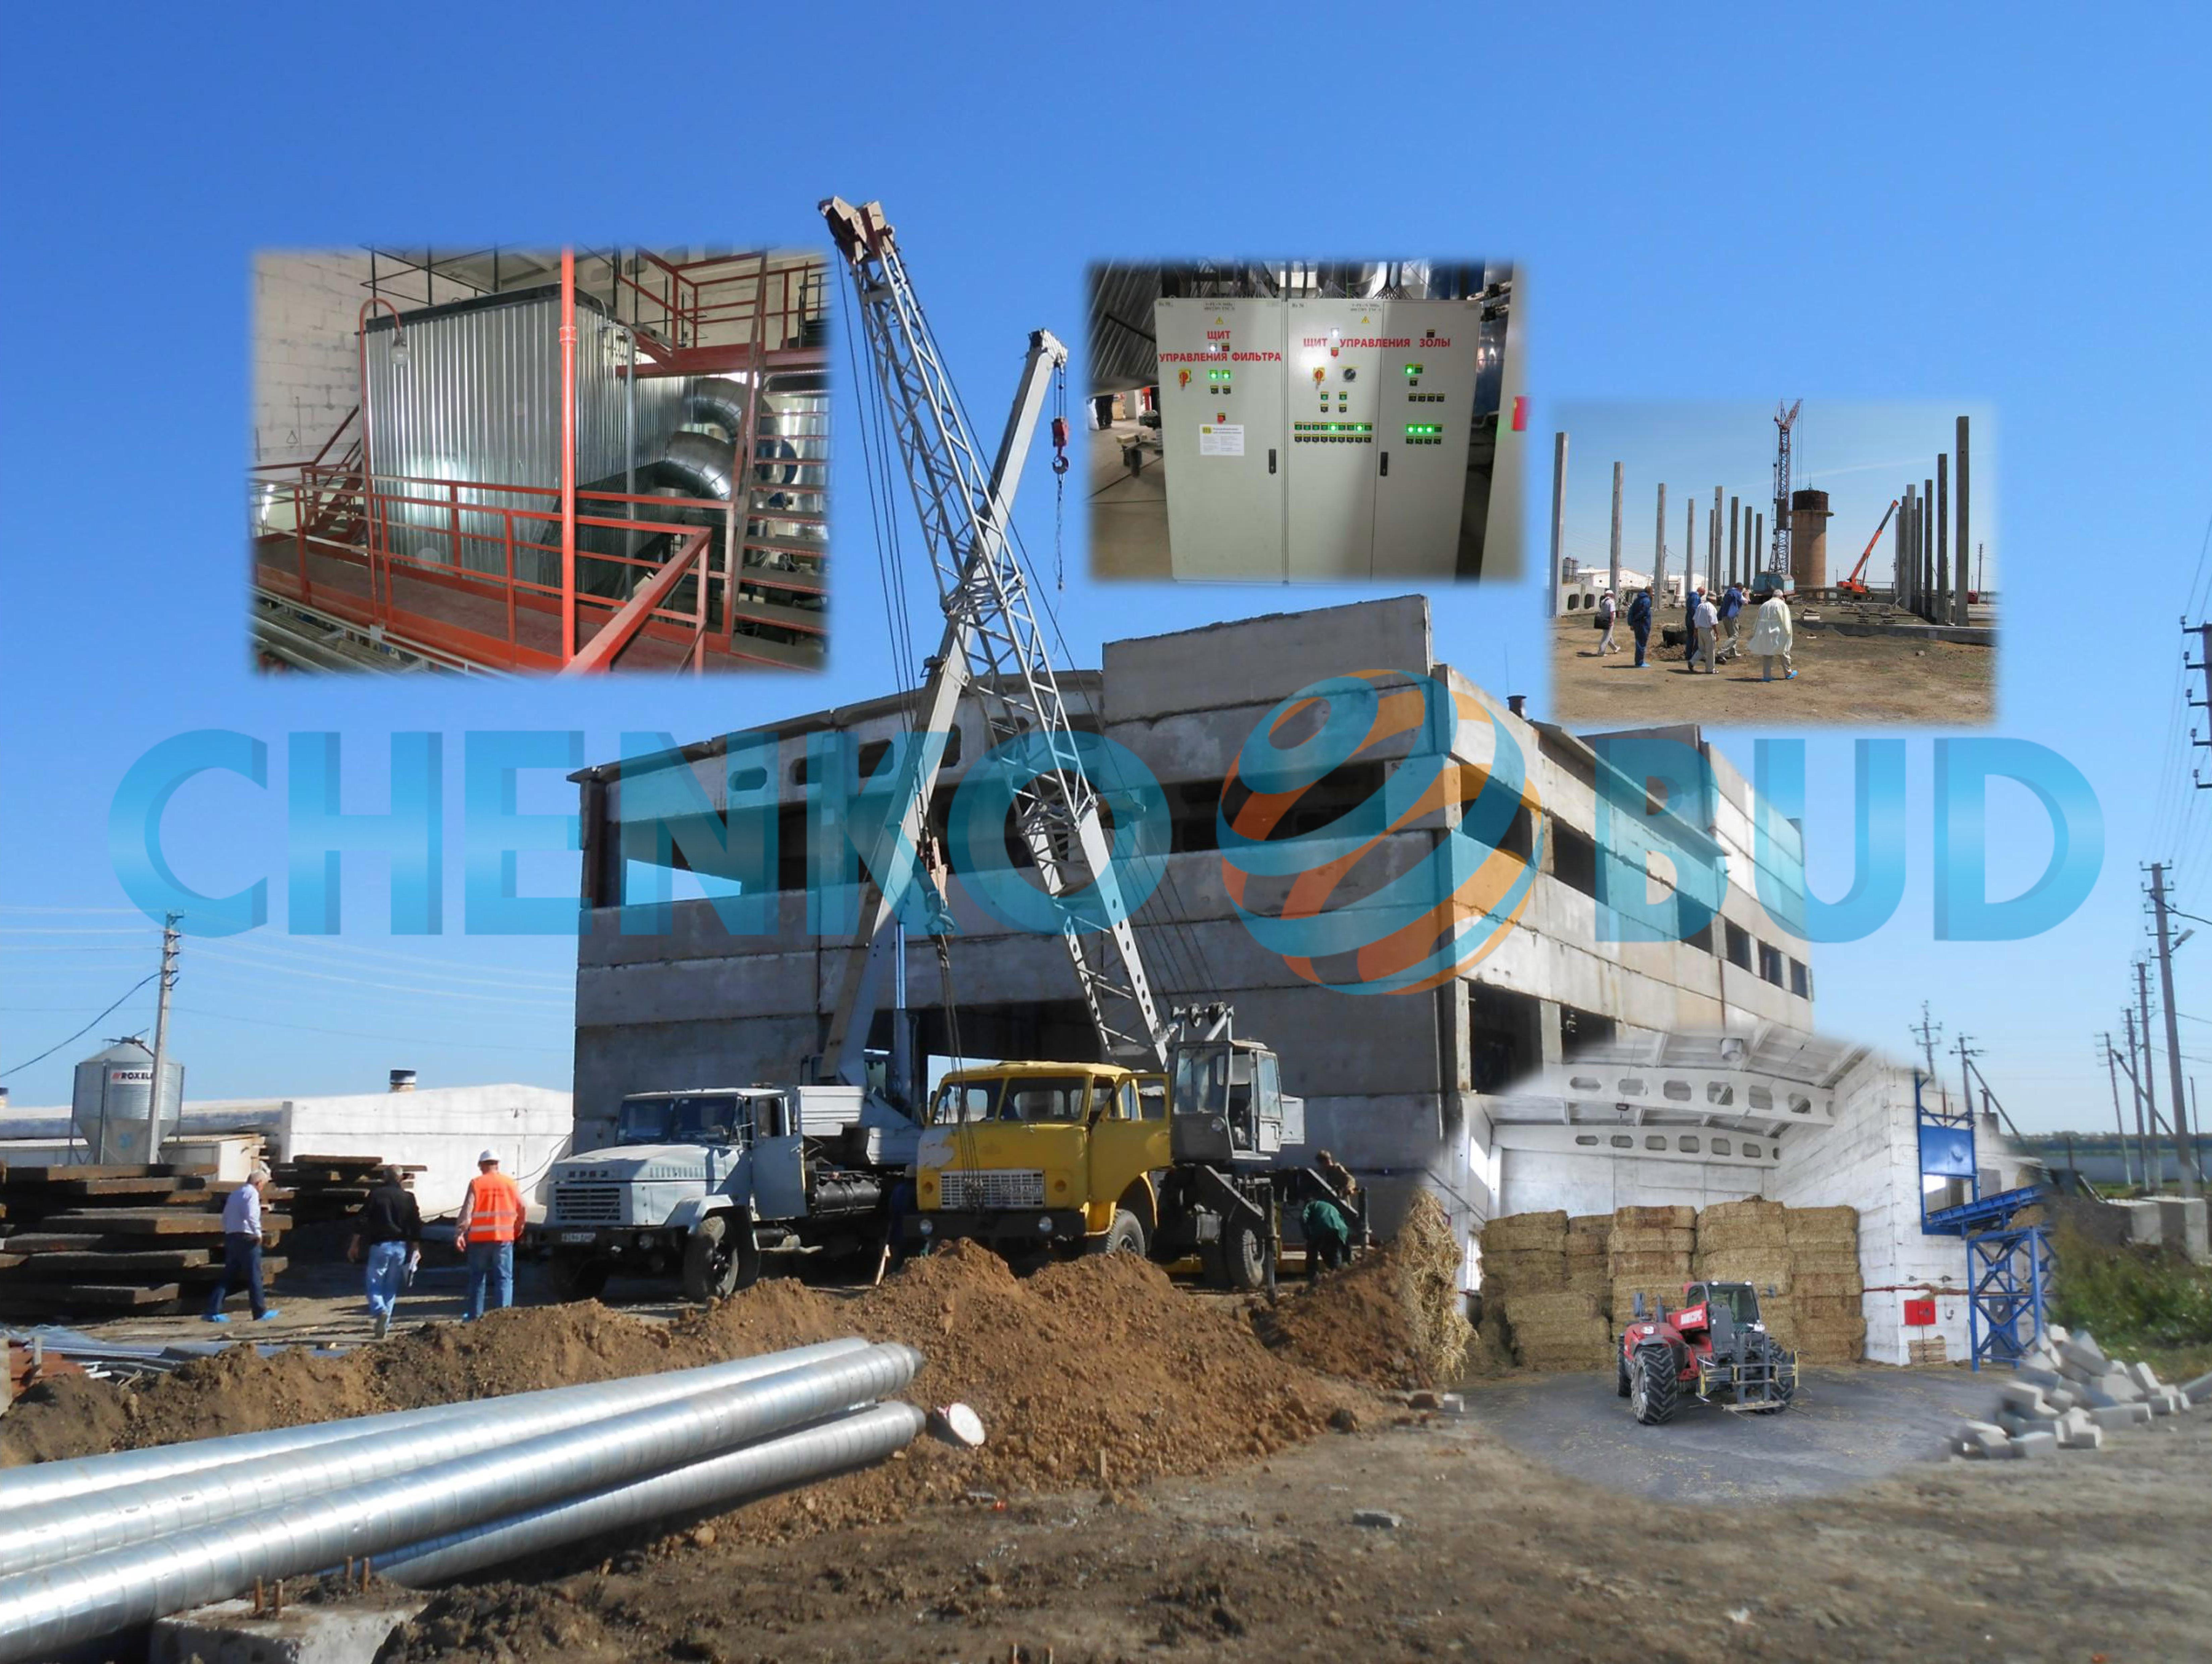 «Комплекс-по-производству-тепла-на-биомассе-соломе-мощностью-5-МВт»